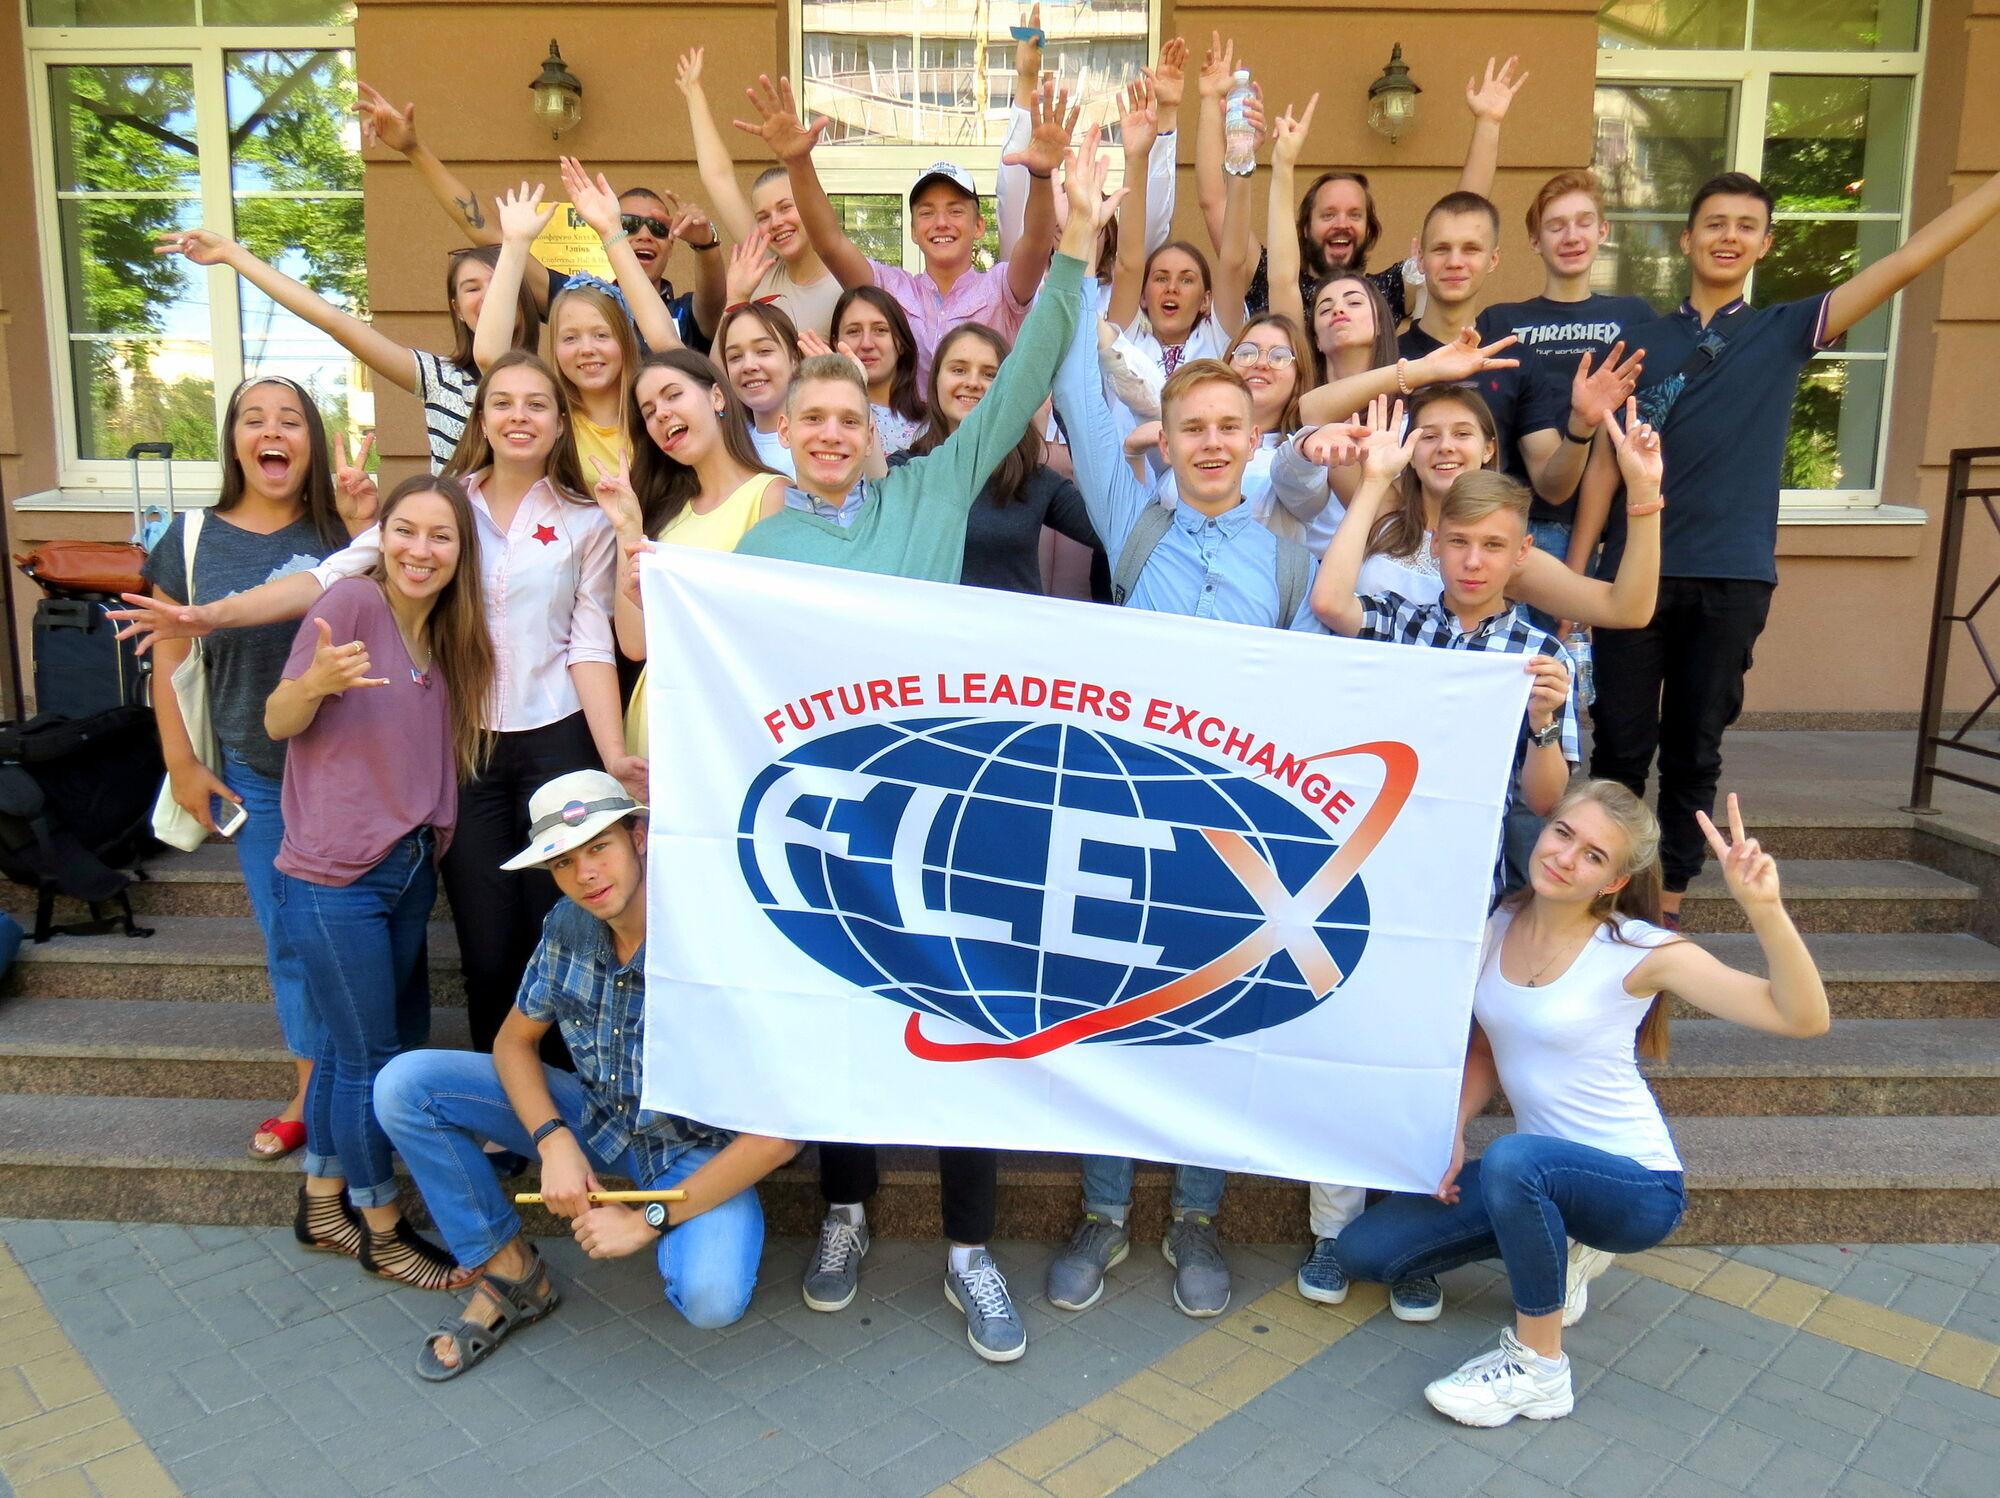 За час існування в FLEX взяли участь понад 29 тис. школярів.